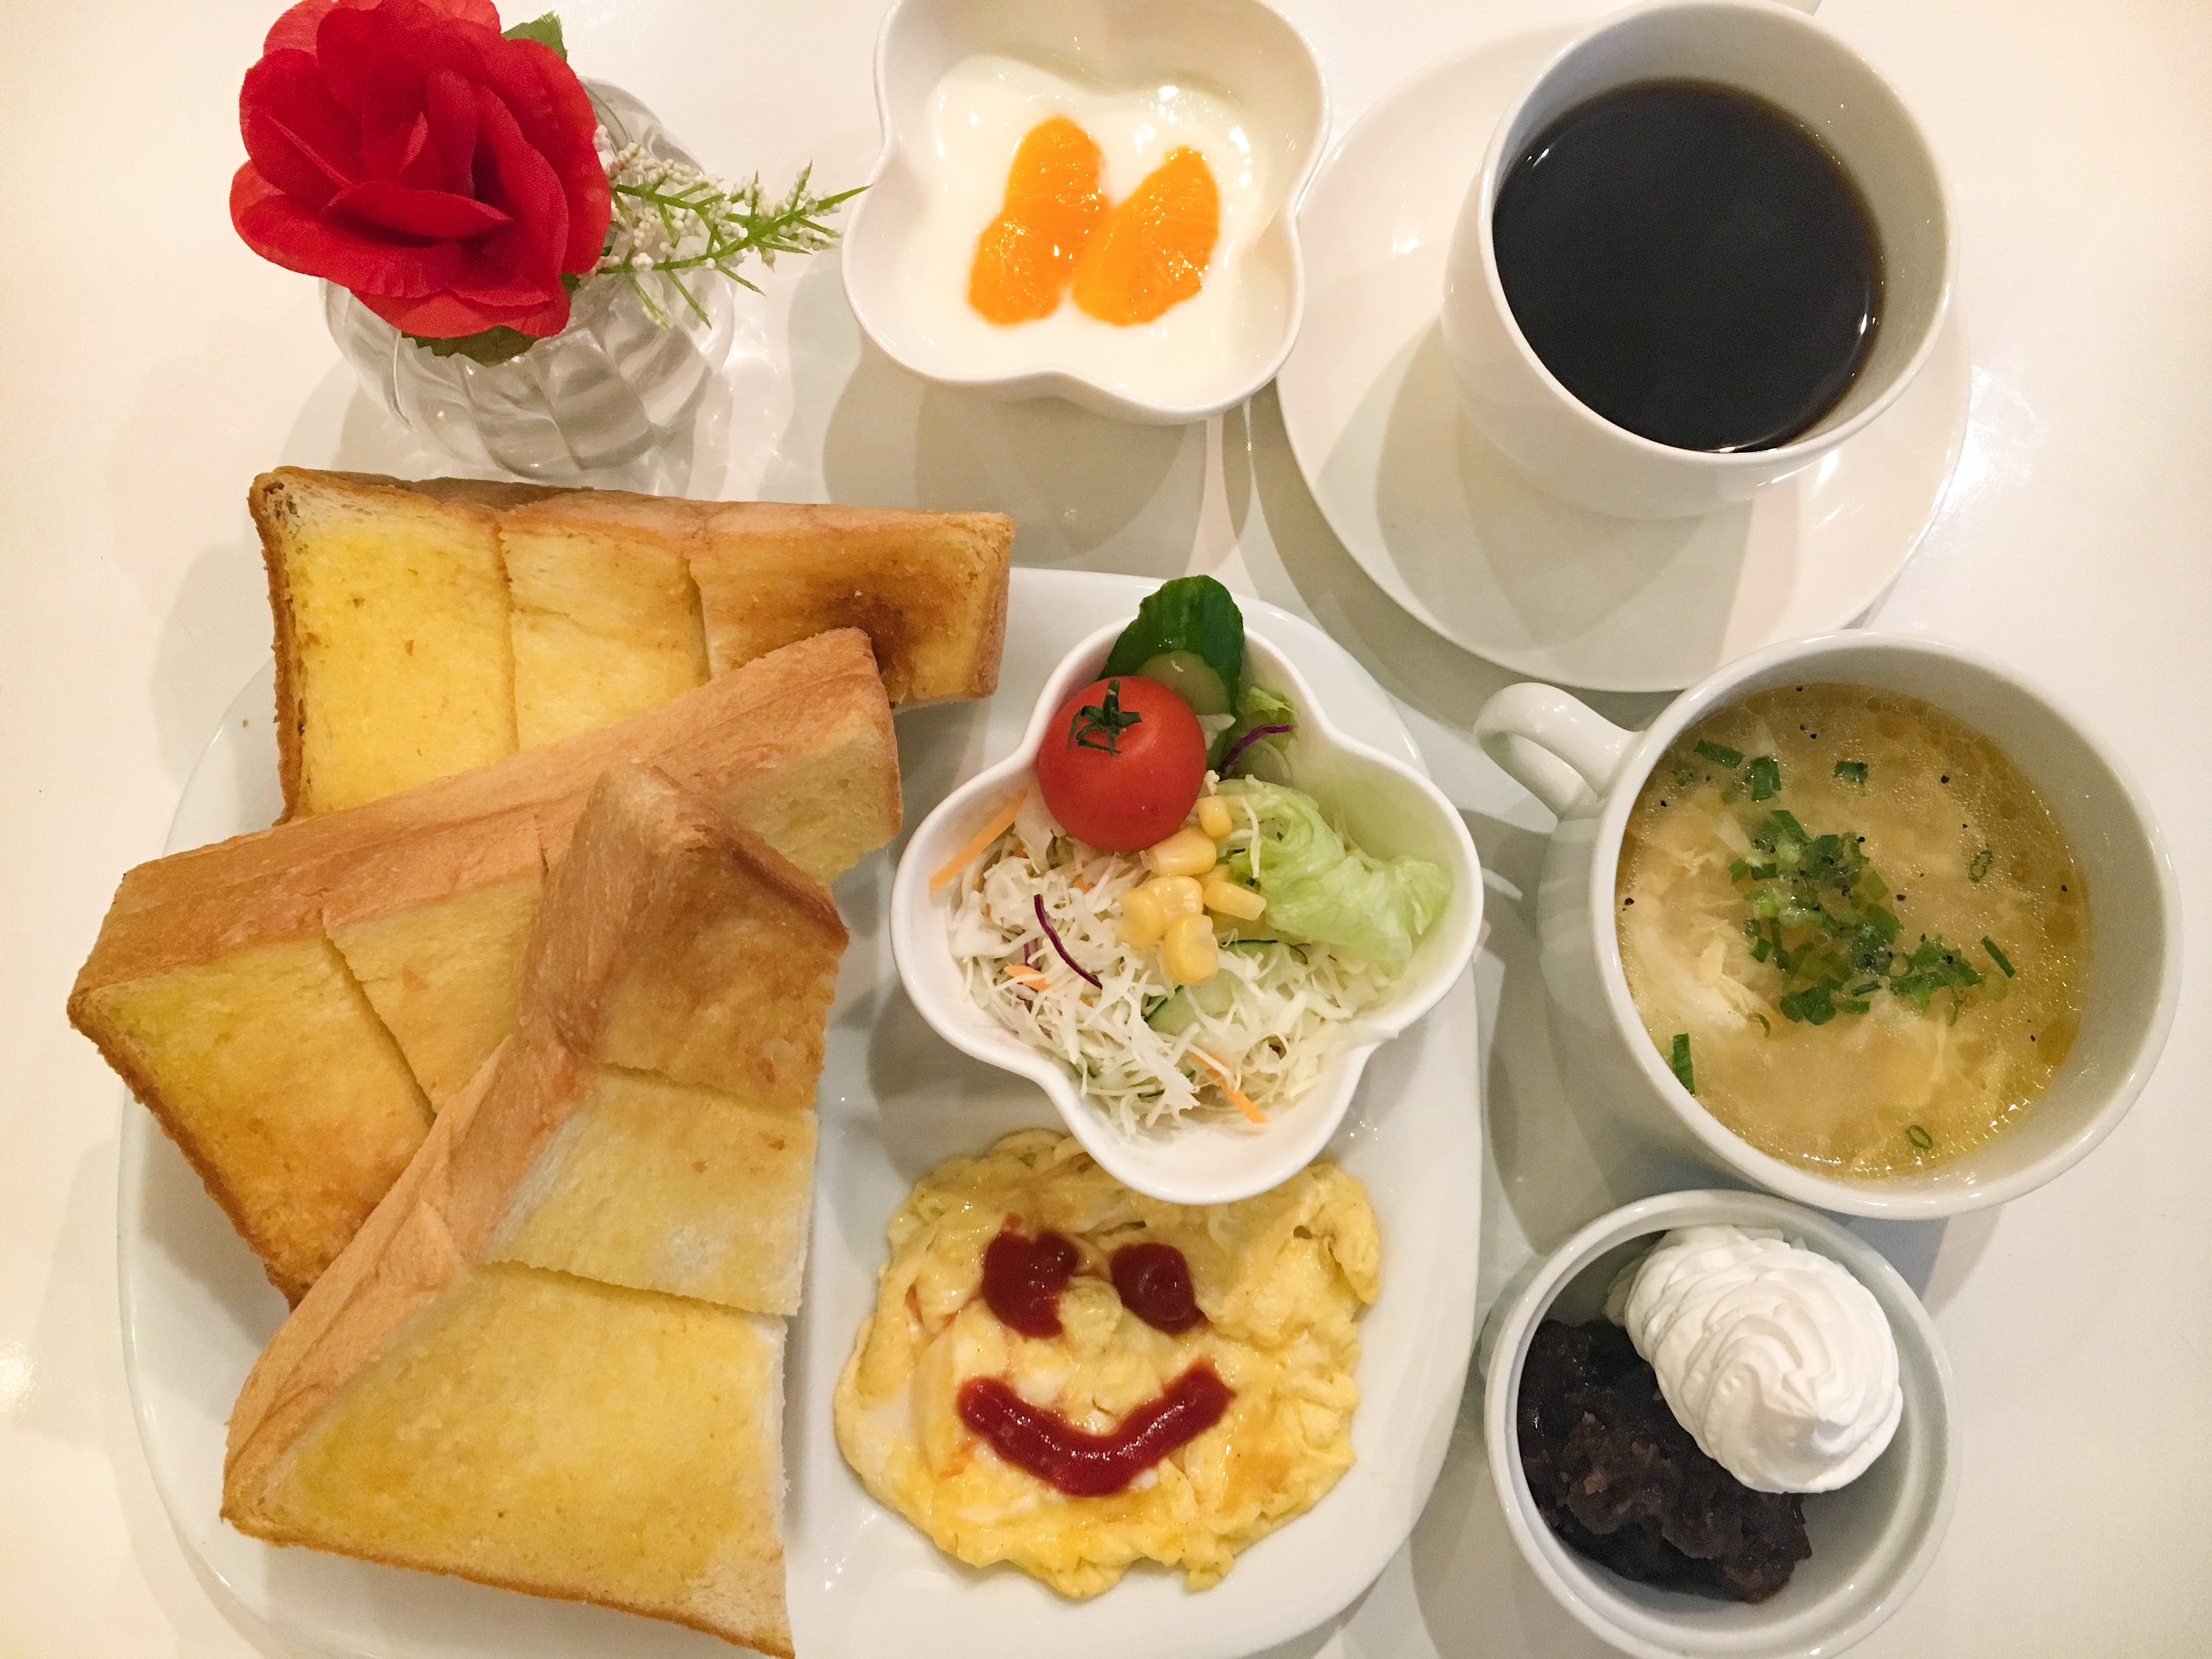 【名古屋・名古屋駅 人気のカフェ「食パン枚数制限なし」の名古屋モーニングが絶品のパイナップルミント】